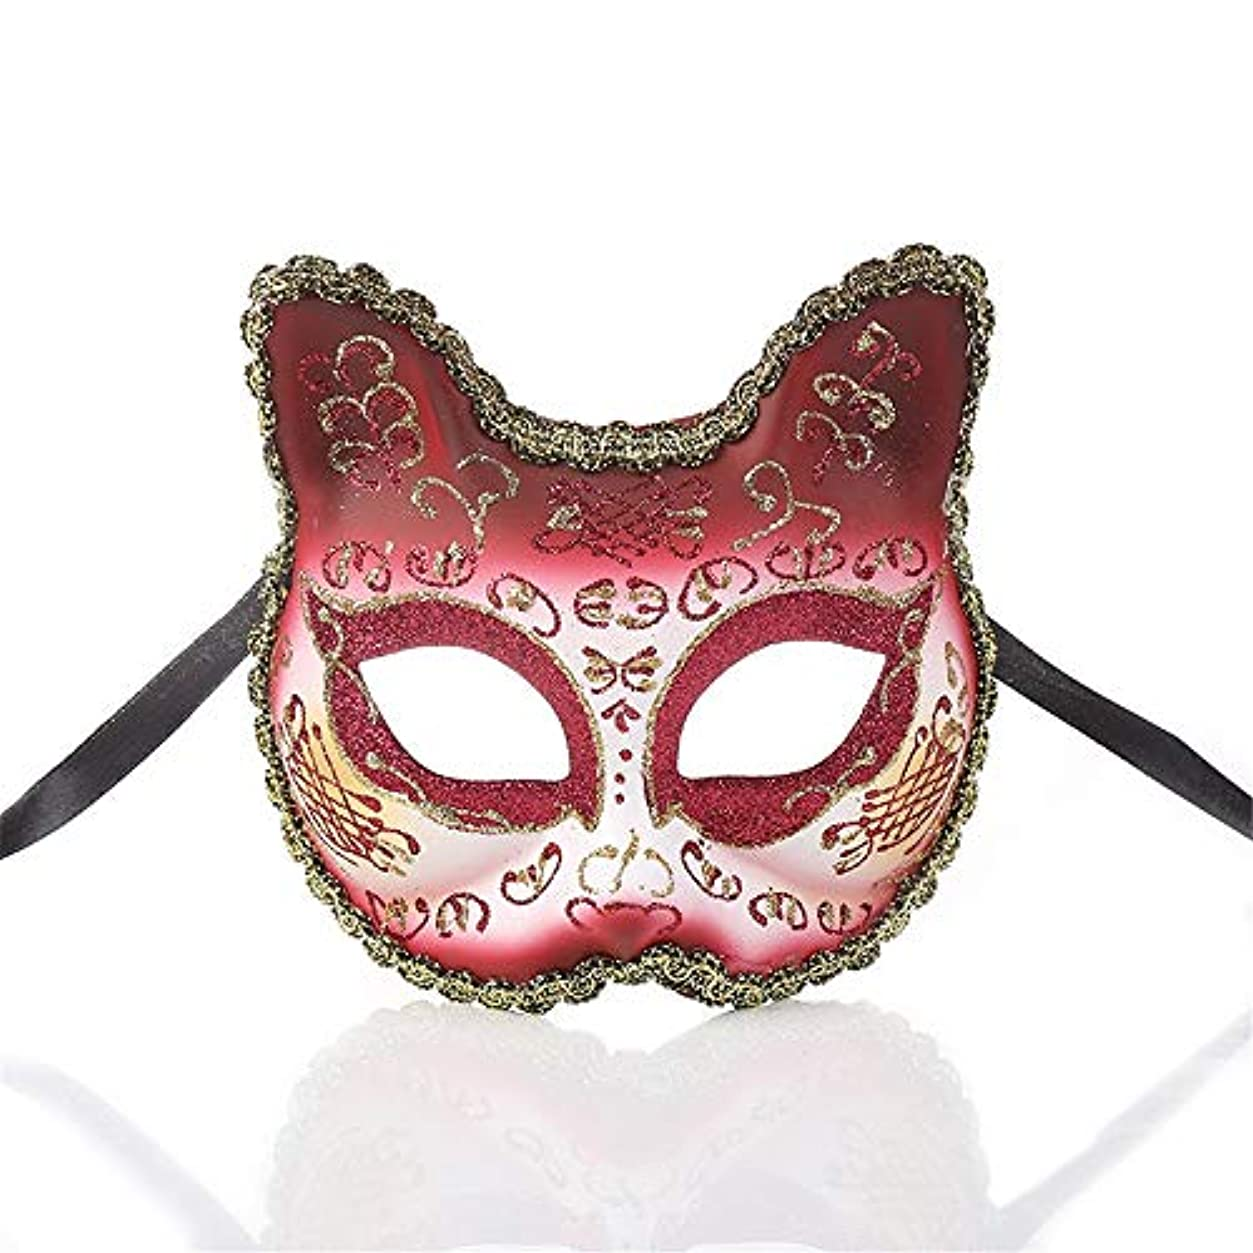 共和党長いです毒性ダンスマスク ワイルドマスカレードロールプレイングパーティーの小道具ナイトクラブのマスクの雰囲気クリスマスフェスティバルロールプレイングプラスチックマスク ホリデーパーティー用品 (色 : ワインレッド, サイズ : 13x13cm)